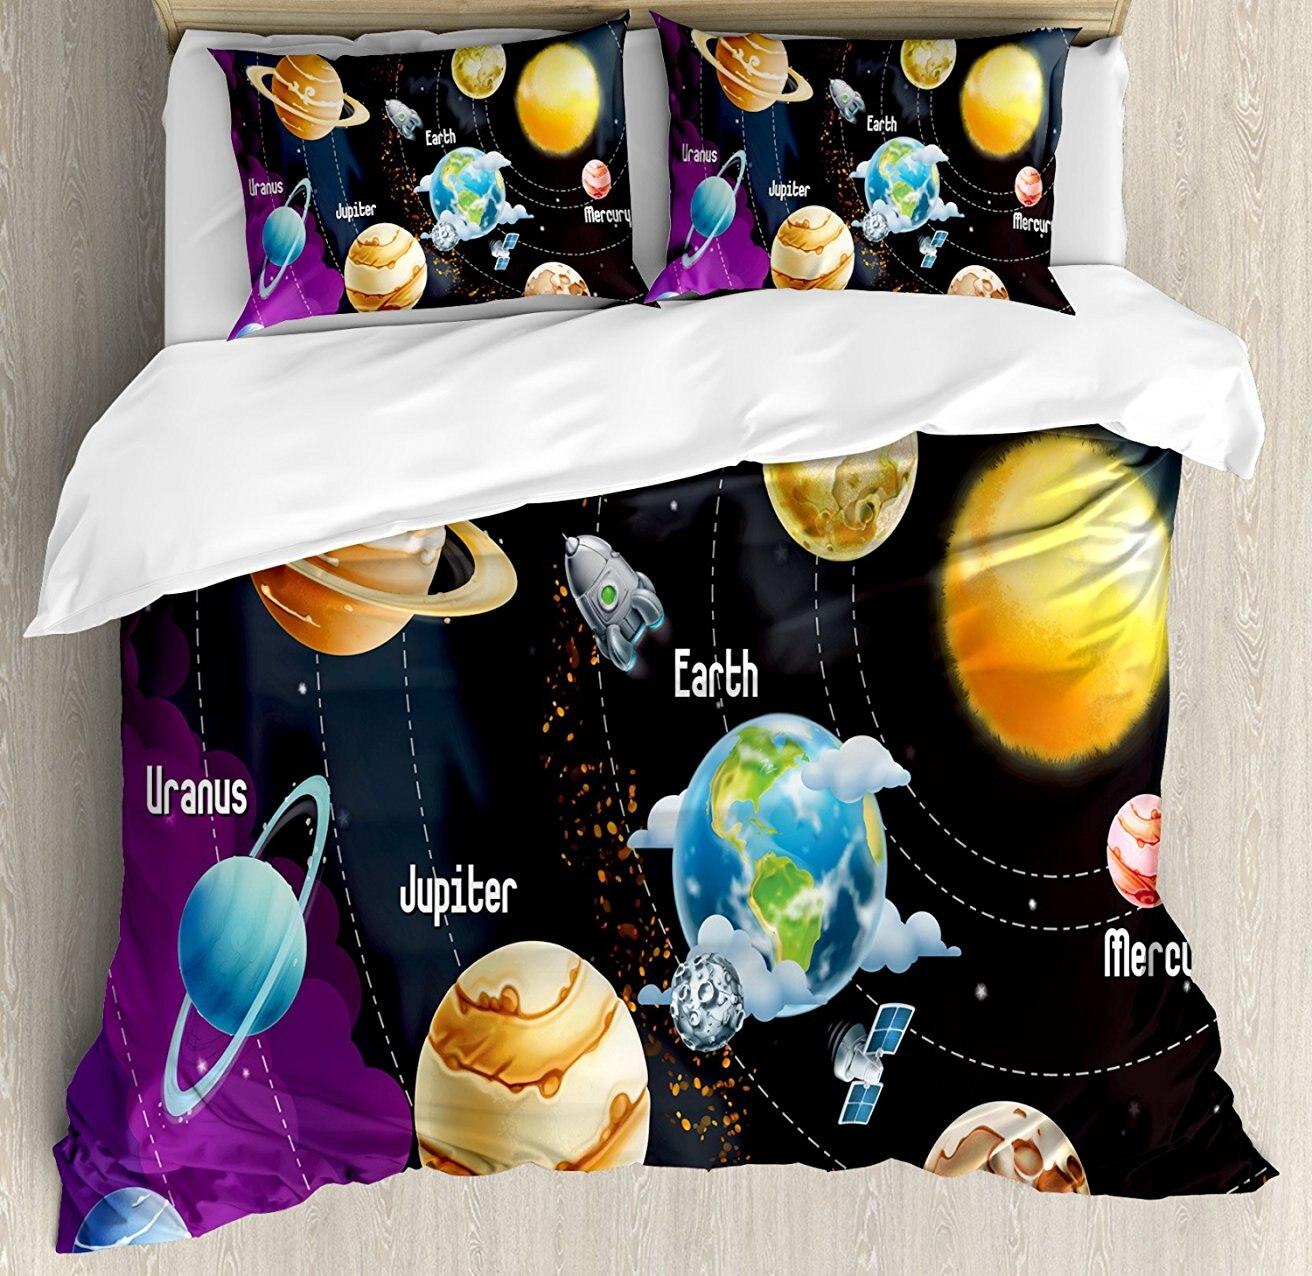 Espace extérieur housse de couette ensemble système solaire de planètes voie lactée Neptune vénus mercure sphère Illustration 4 pièce ensemble de literie